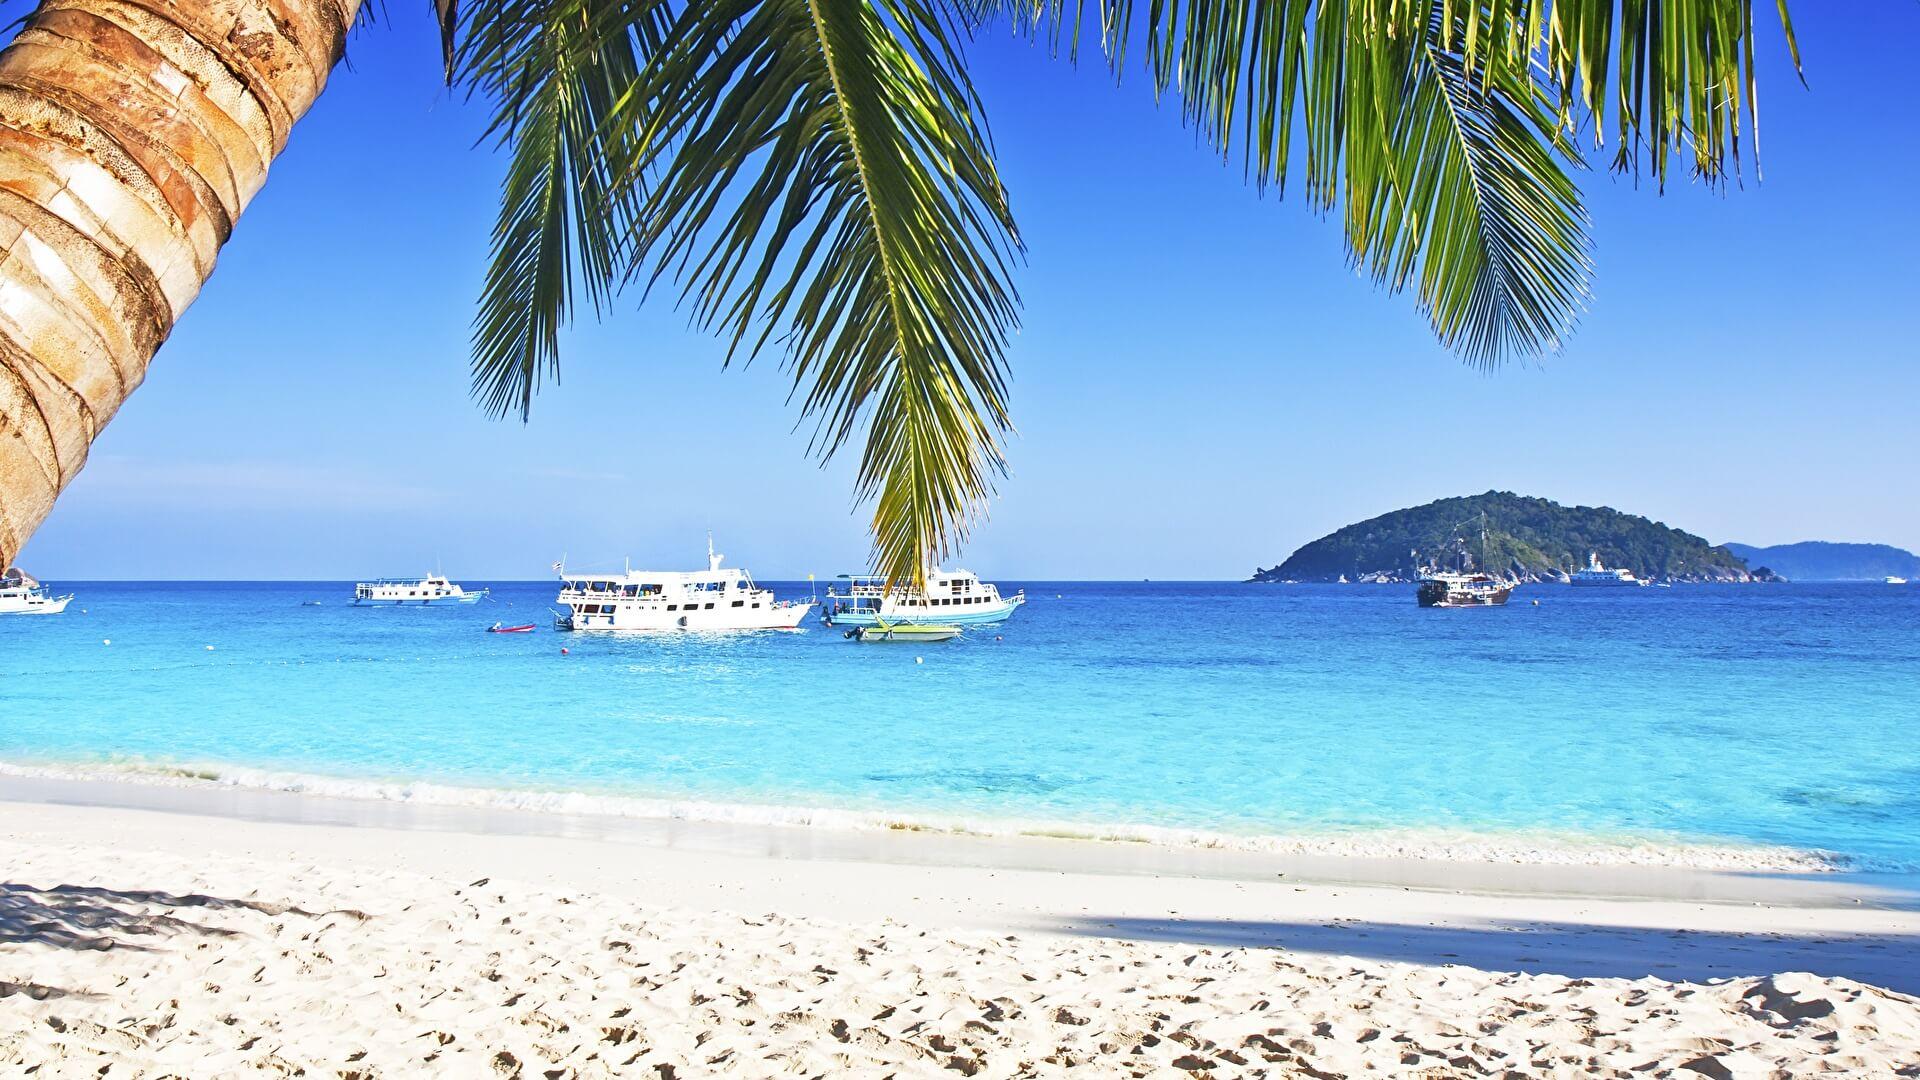 Красивые картинки пляжа для рабочего стола - подборка 13